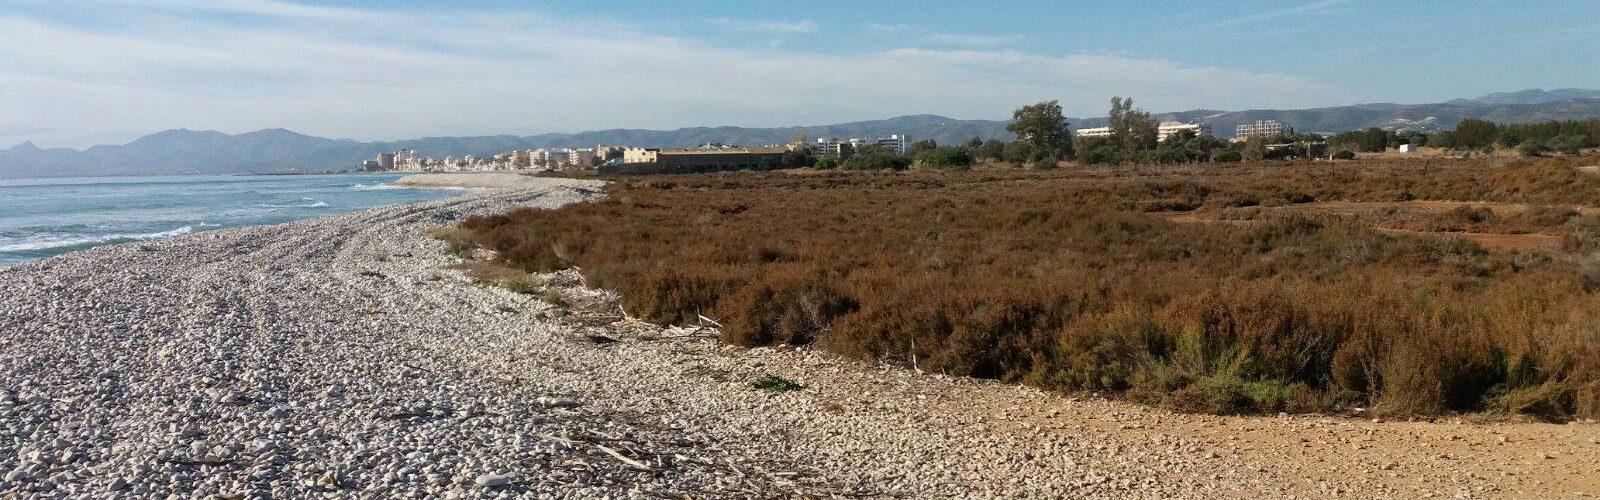 Ecologistas en Acción presenta alegaciones contra el PAI Doña Blanca Golf en Torreblanca